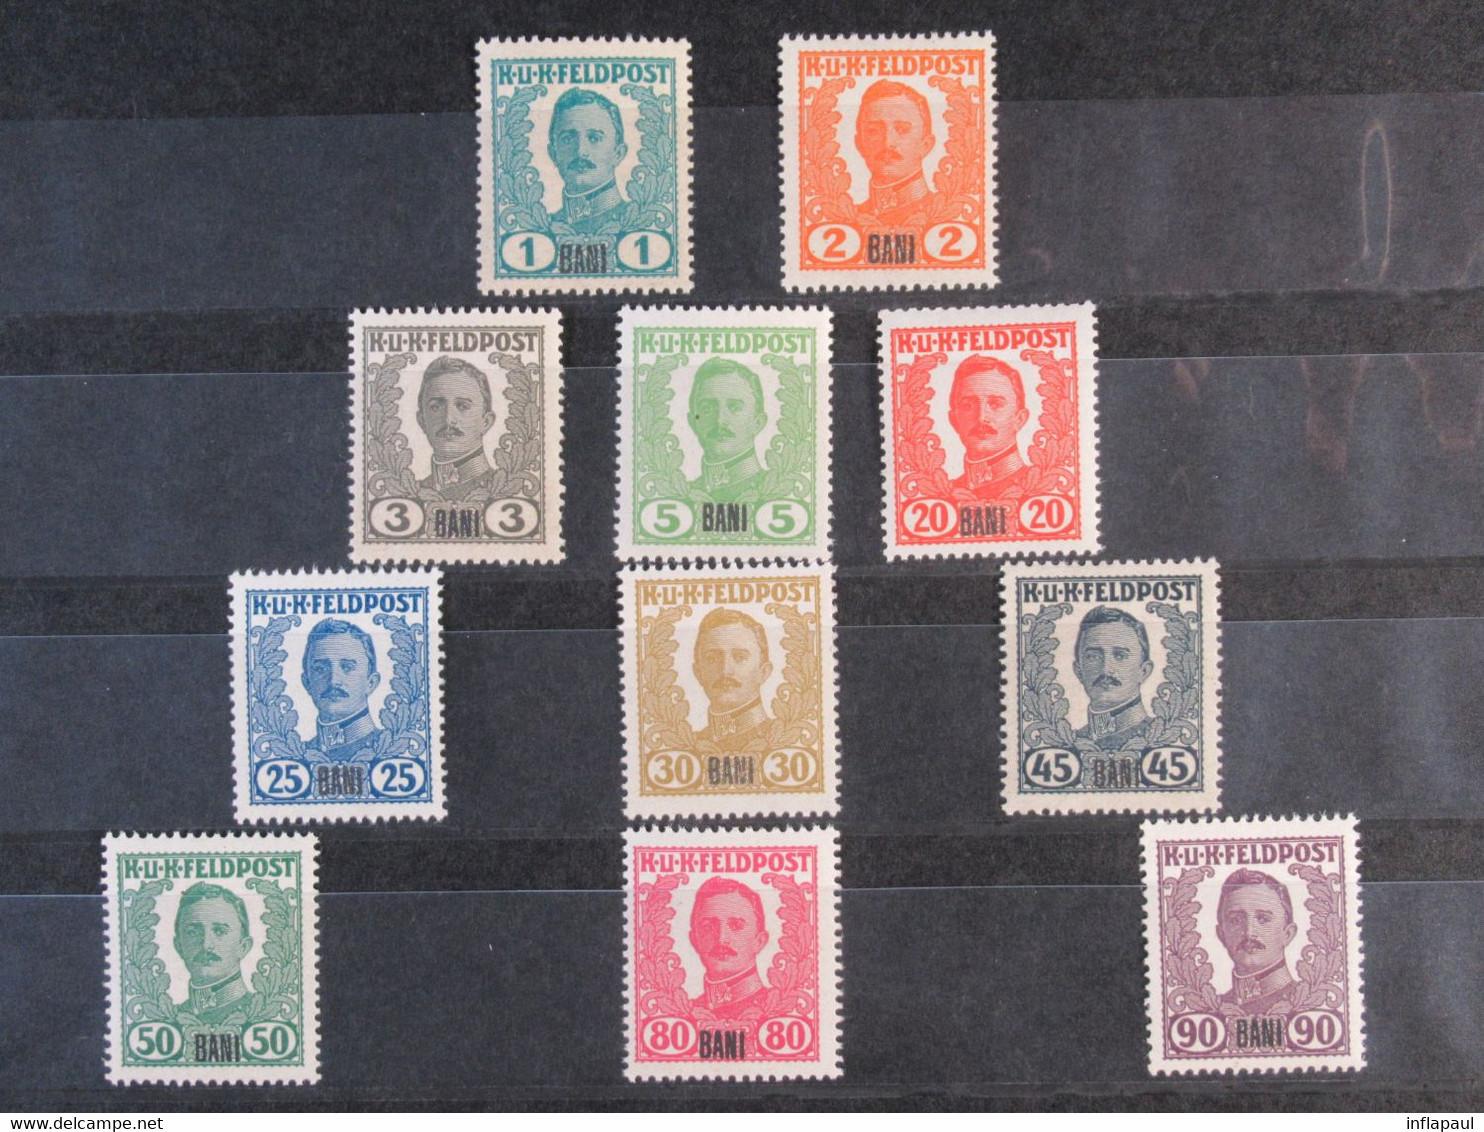 Unverausgabte Österreichische-ungarische Feldpostmarken Für Rumänien ,Teilserie **/MNH Ex I/XIII O. Nr.V U. XI 1700,00 M - Unused Stamps